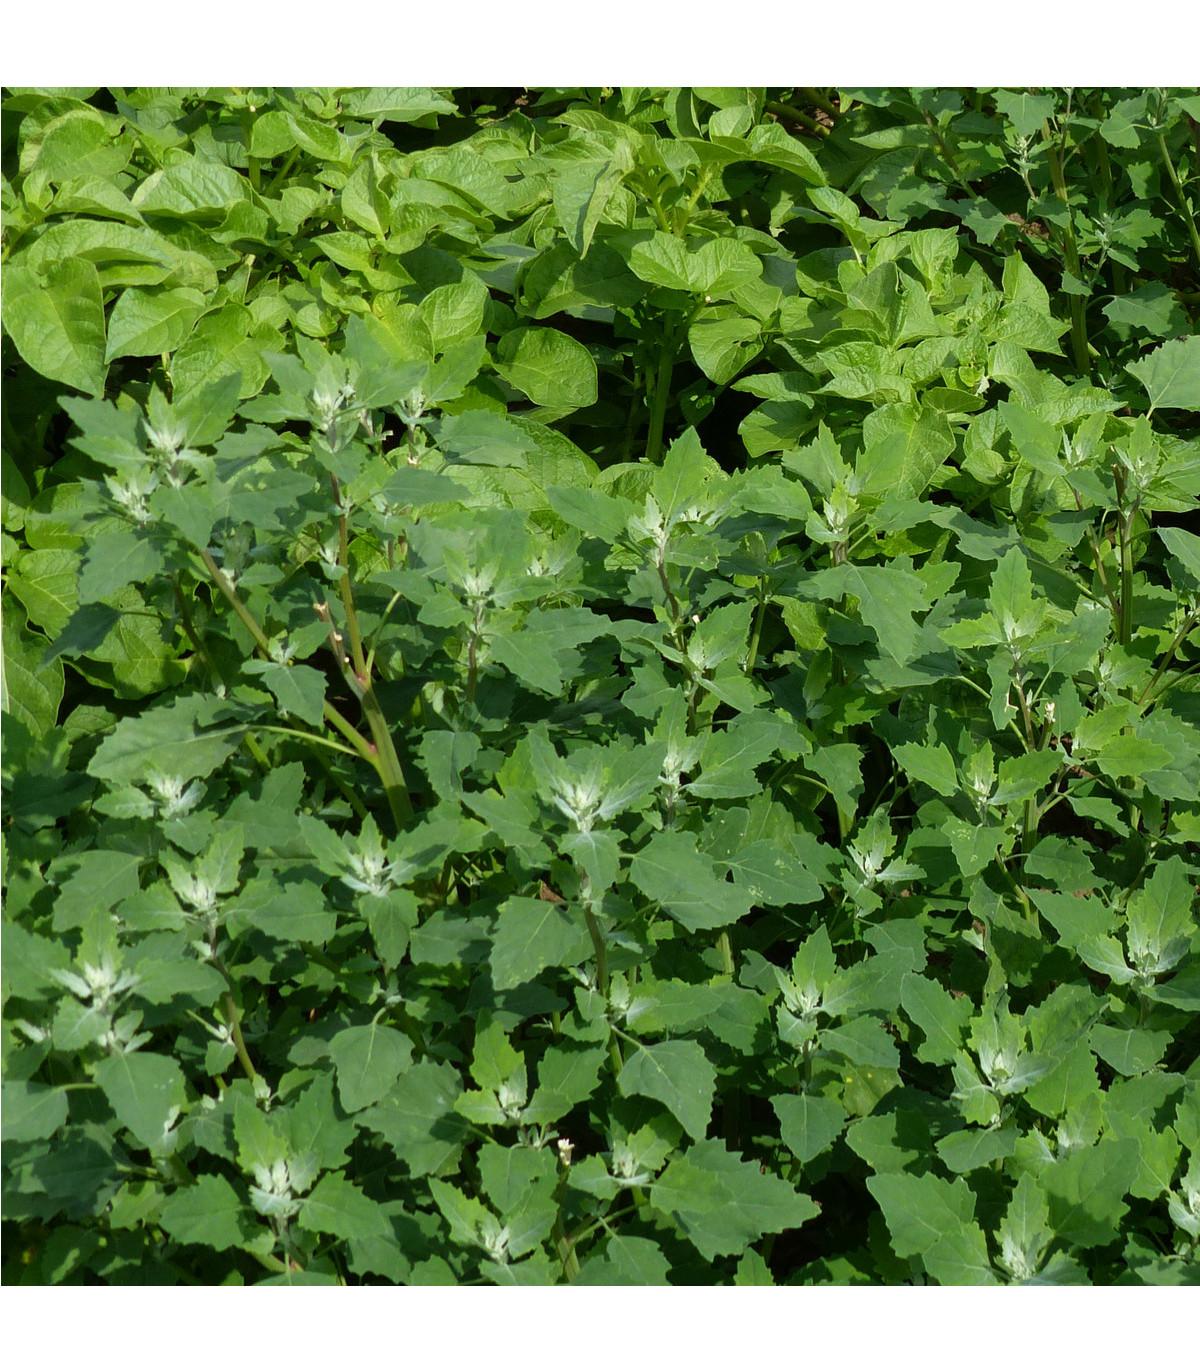 Lebeda zahradní - prodej semen lebedy - Atriplex hortensis - 0,5 gr